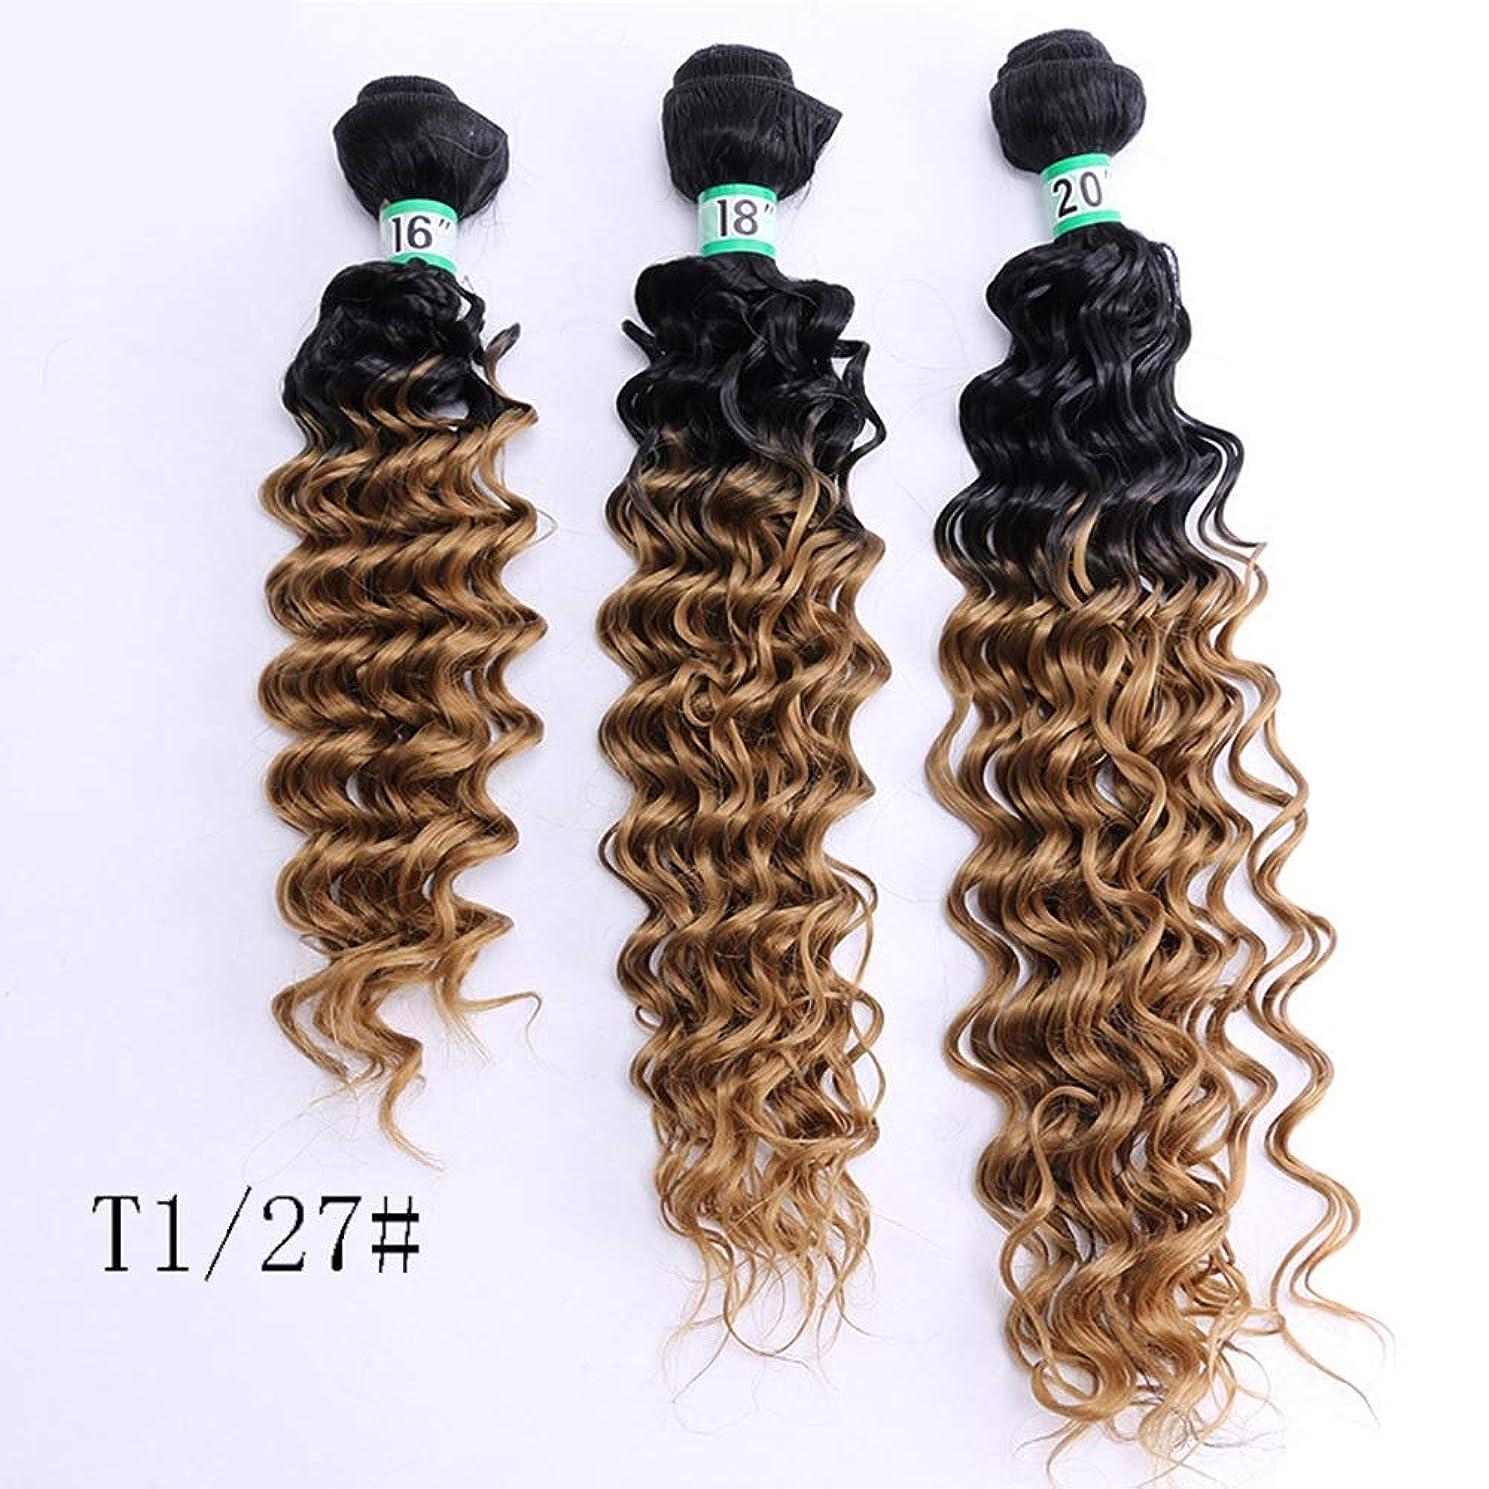 罰する兵隊同等のYrattary ディープカーリーウェーブ3バンドルブラジルのヘアエクステンション滑らかで太い髪70 g /個16 18 20インチ - T1 / 27#茶色のグラデーション複合毛レースのかつらロールプレイングかつら長くて短い女性自然 (色 : Gradient, サイズ : 18